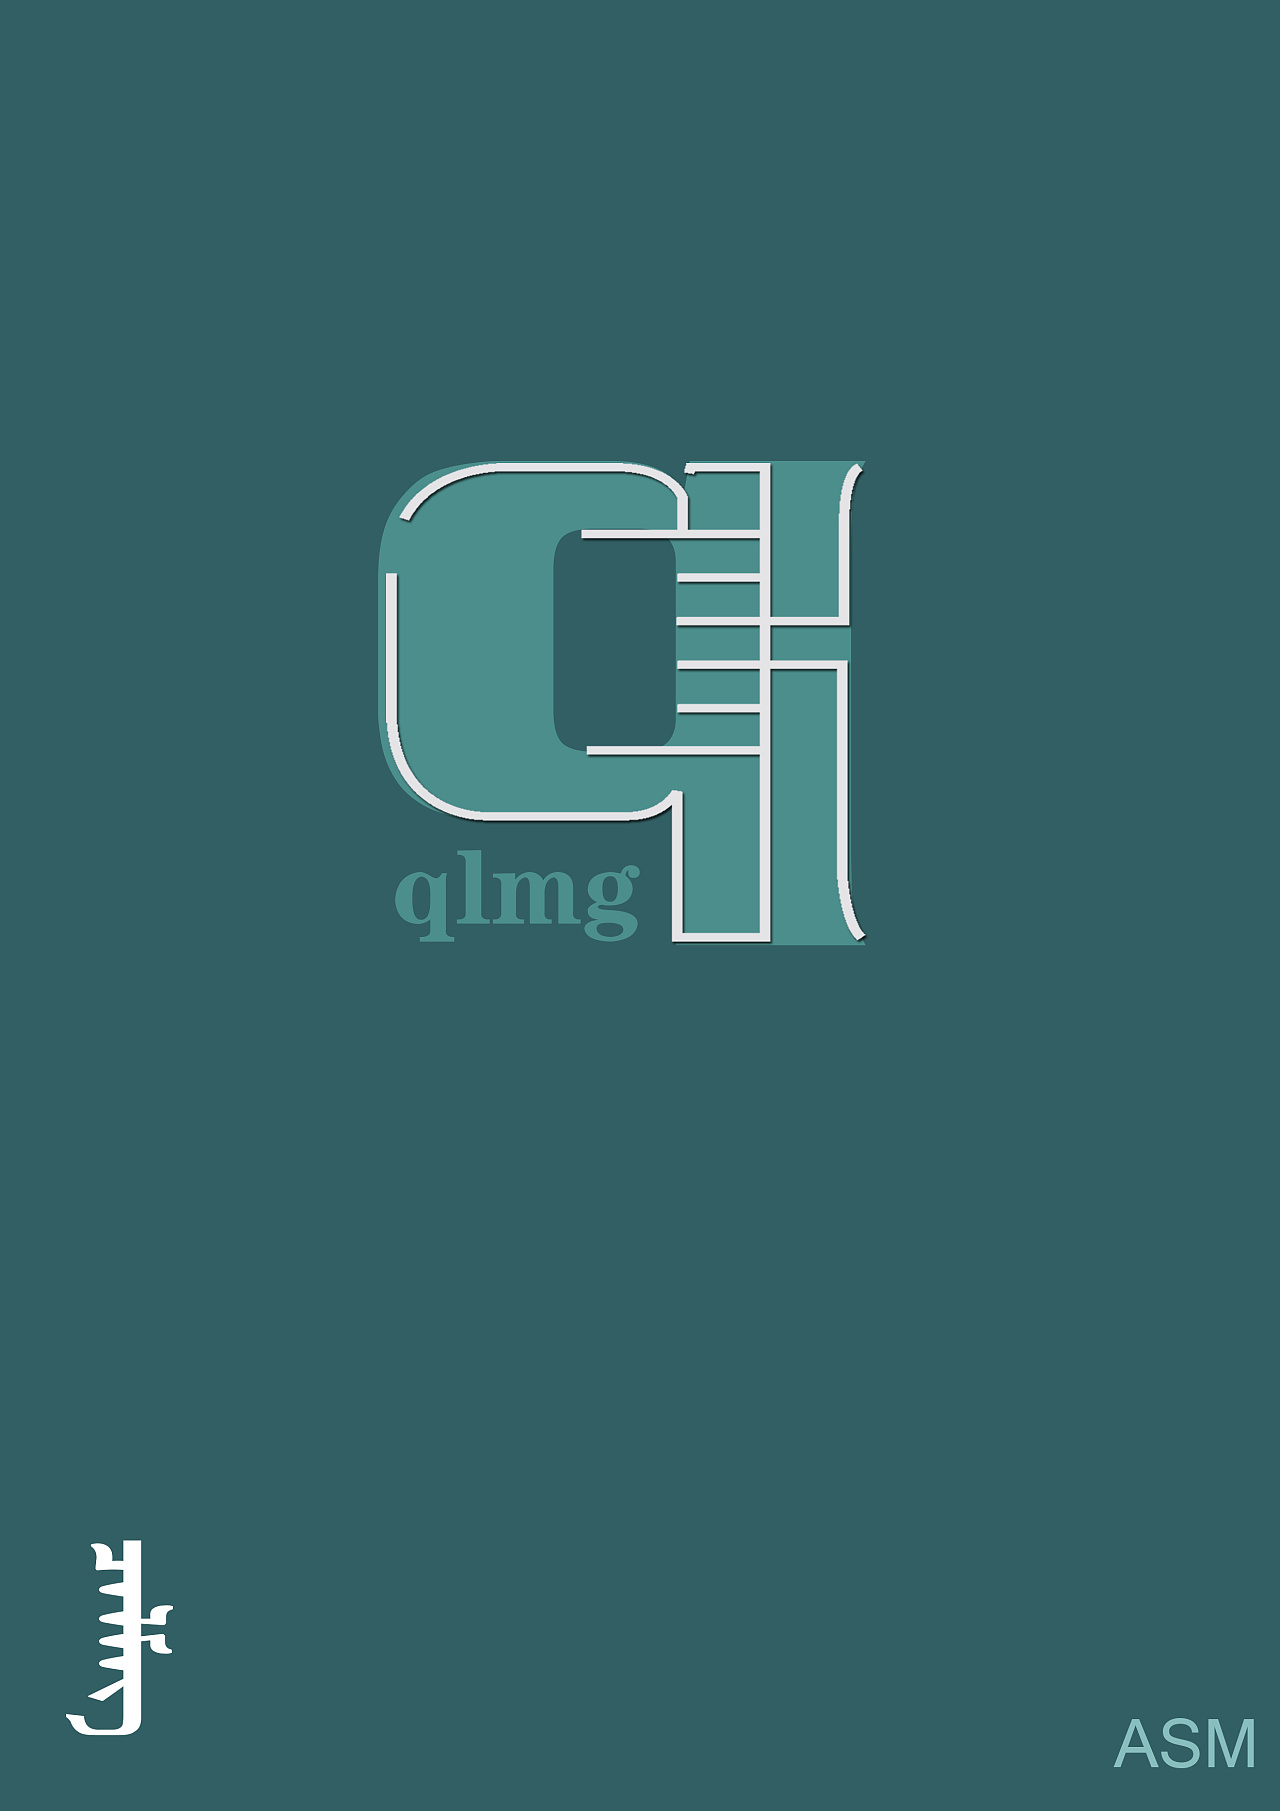 蒙古艺术文字2 -阿斯玛设计 第1张 蒙古艺术文字2 -阿斯玛设计 蒙古设计